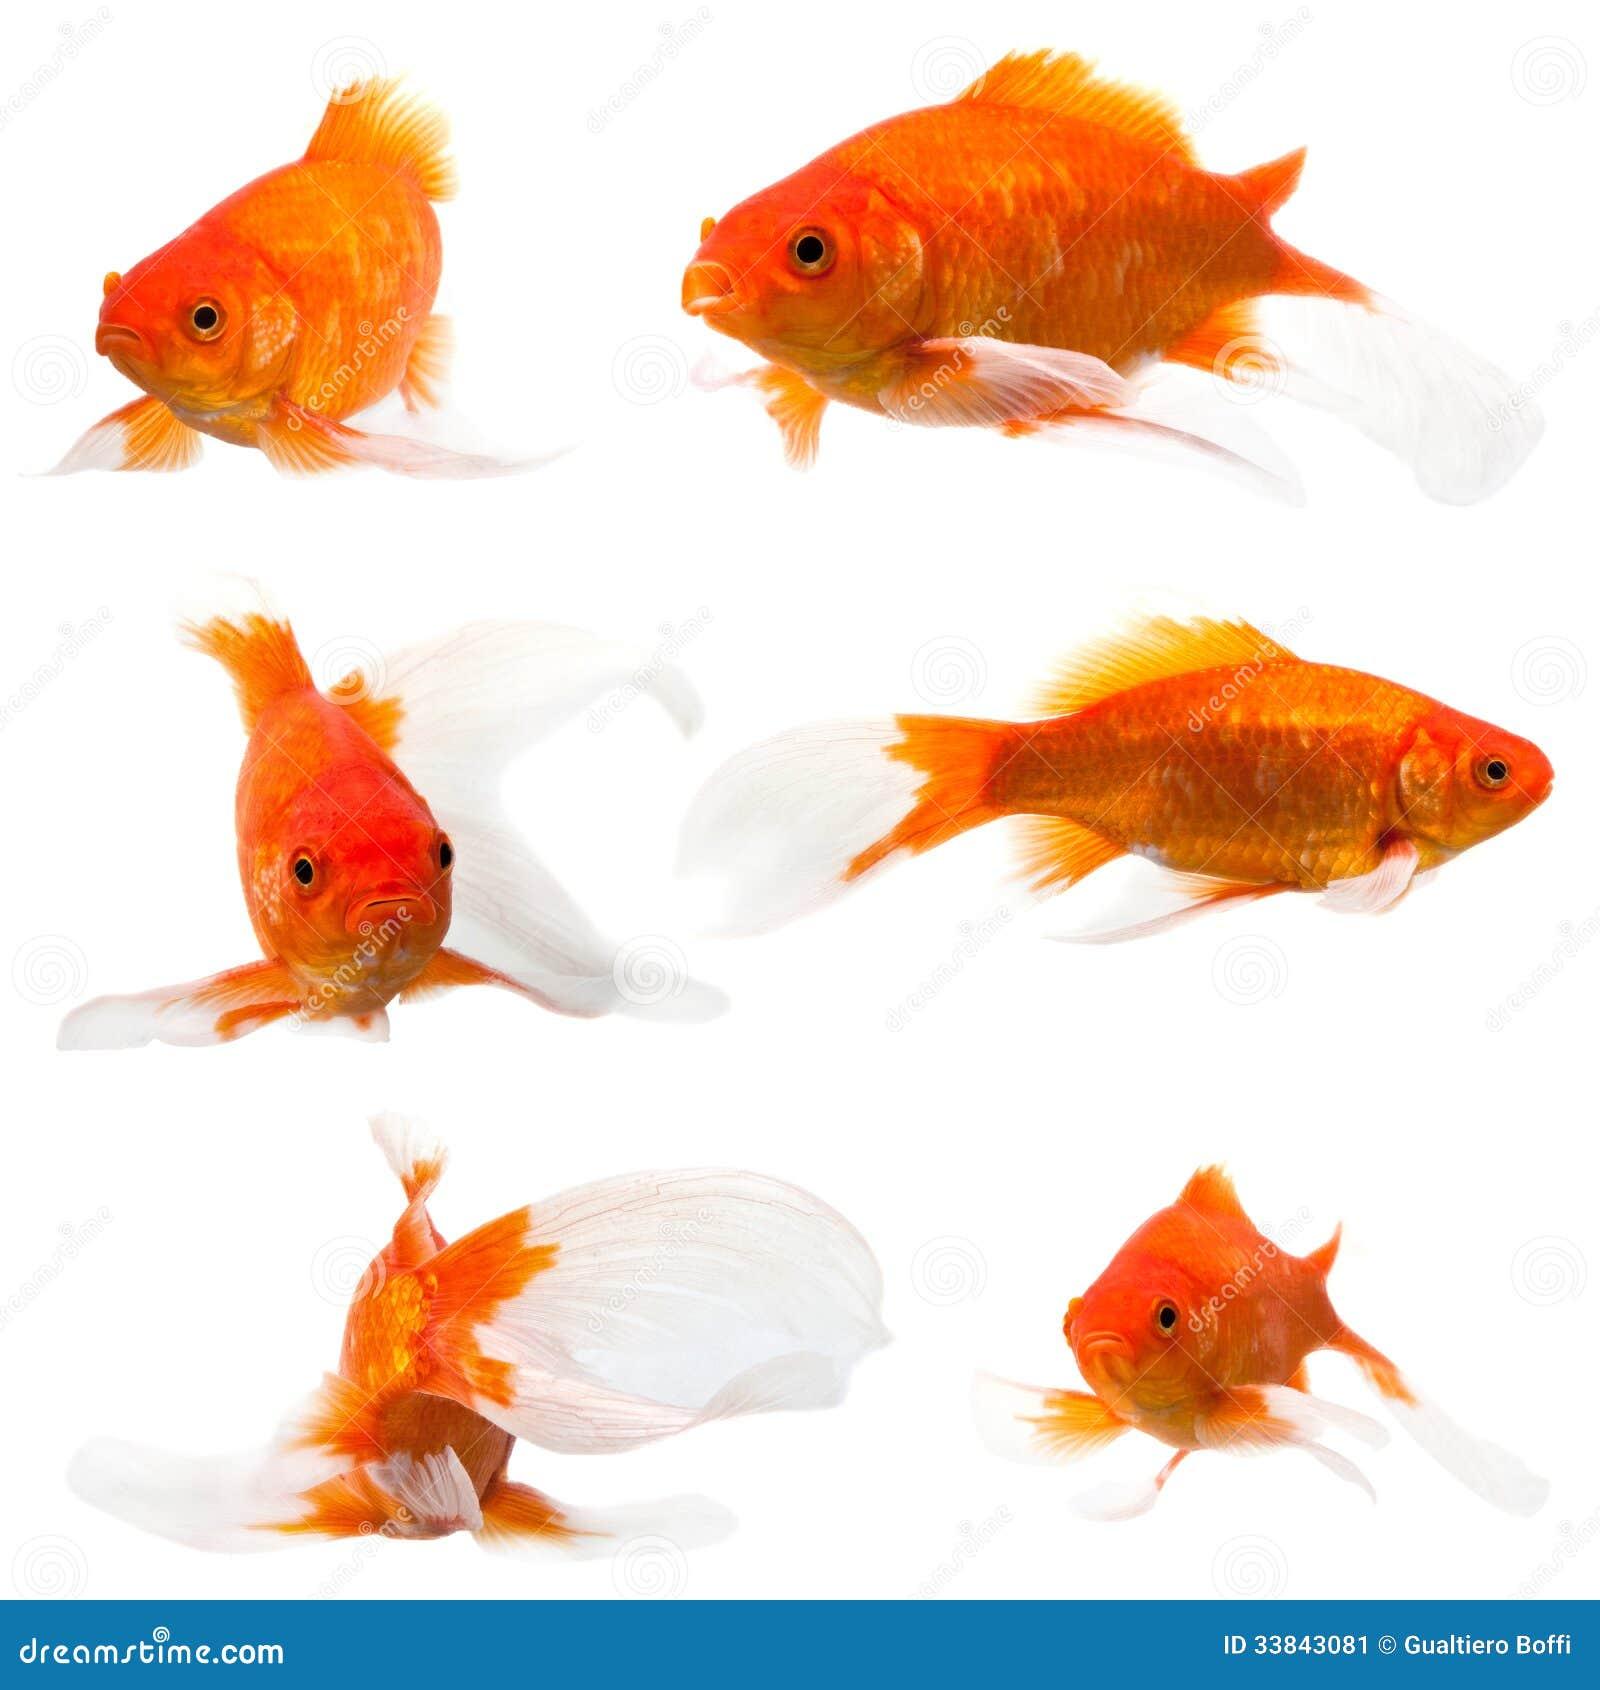 longue queue de poisson rouge image stock image du arri re sous 33843081. Black Bedroom Furniture Sets. Home Design Ideas